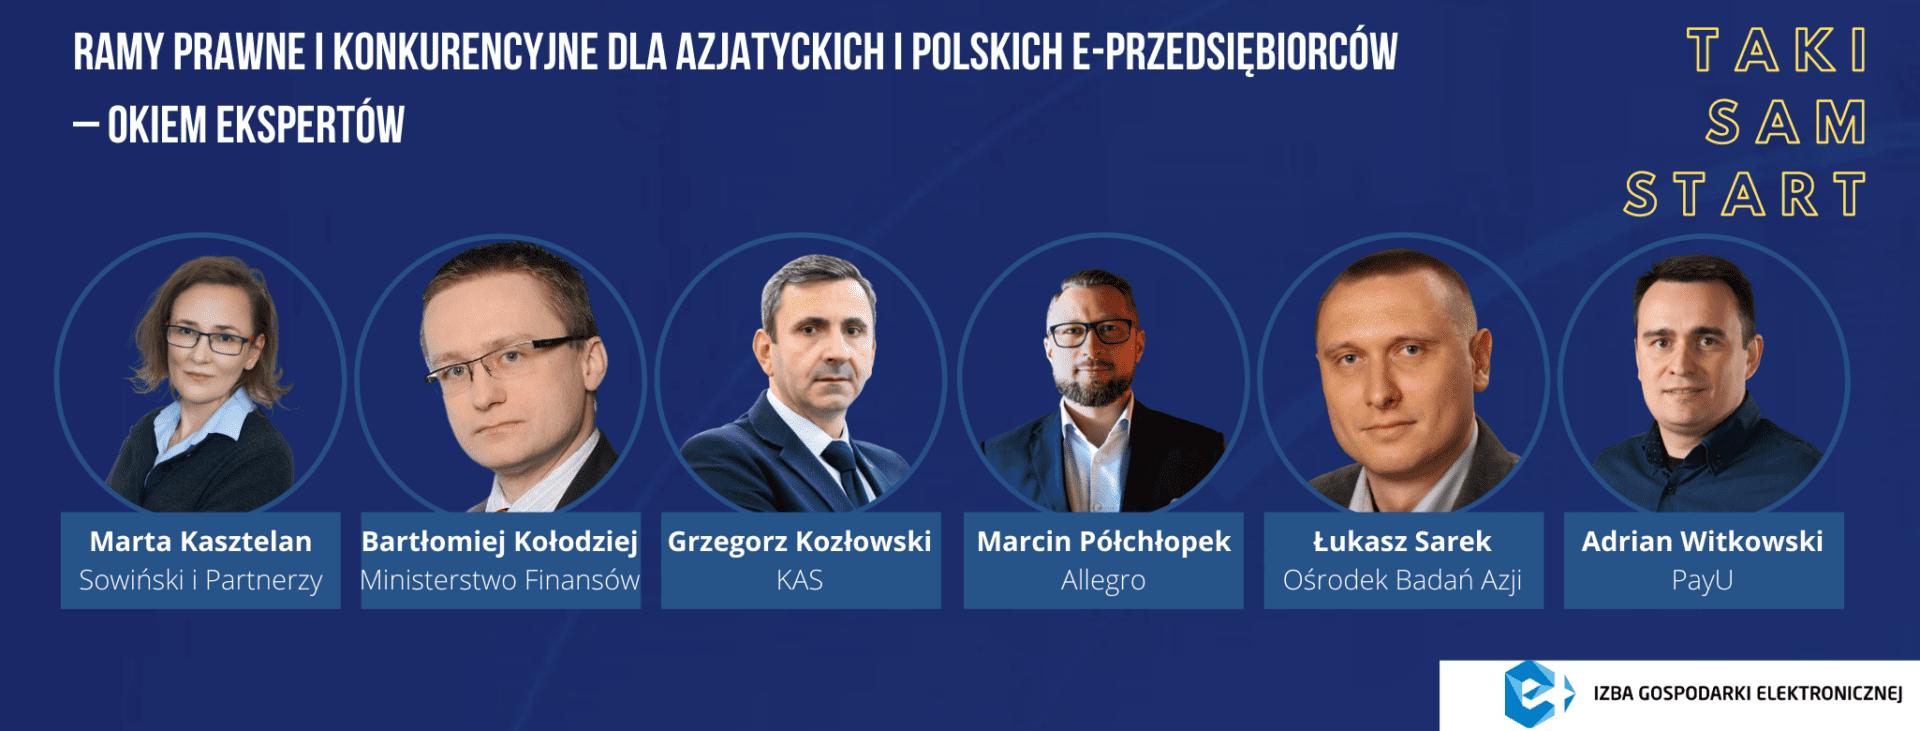 """e-Izba Round Table """"Taki sam start – równe ramy prawne i konkurencyjne dla azjatyckich i polskich e-przedsiębiorców okiem ekspertów. Konkretne rozwiązania''"""